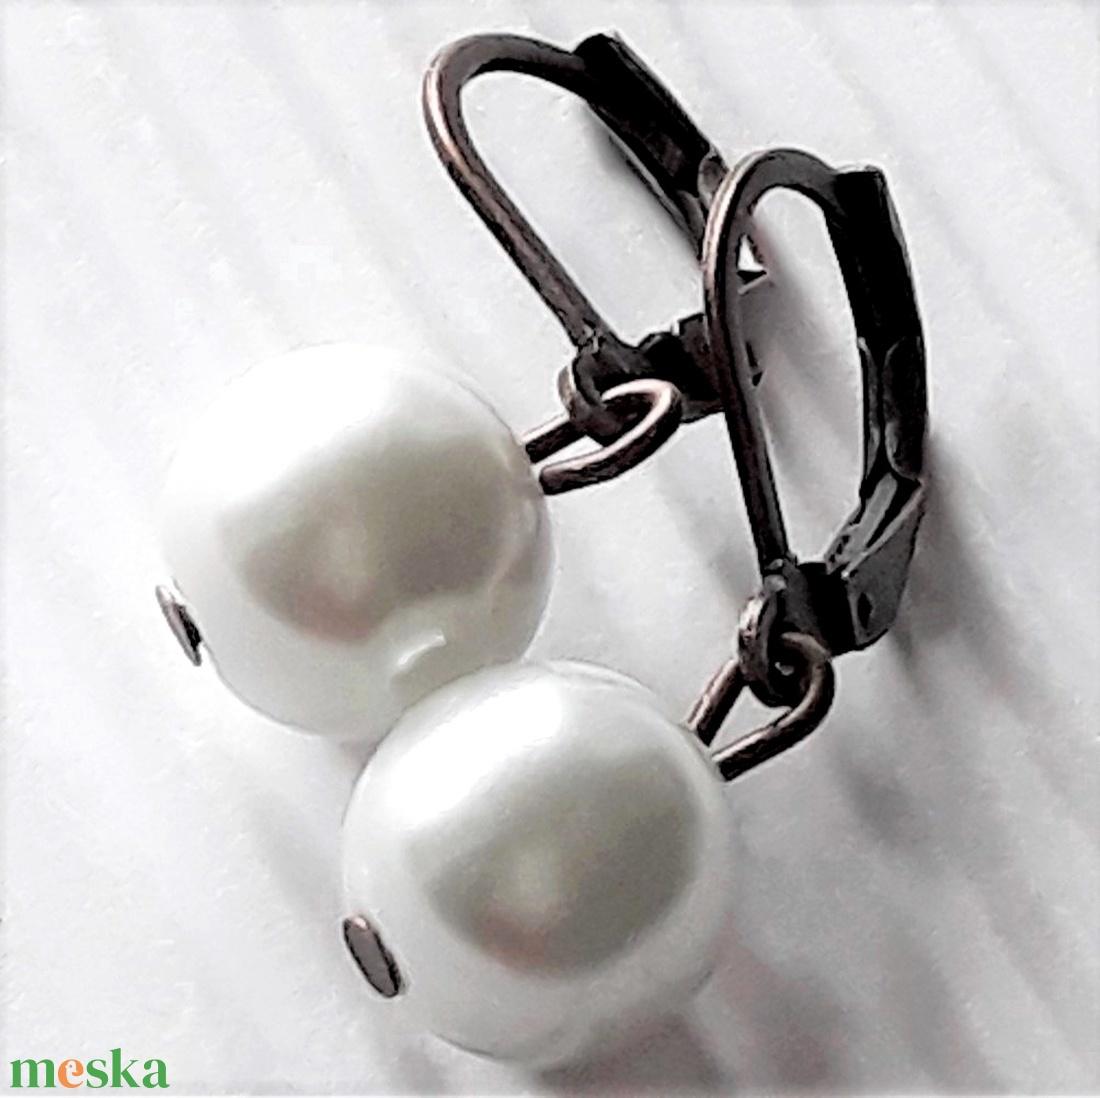 Gyöngy-bogyó réz francia kapcsos akasztón lógós fülbevaló, üveggyöngy ékszer - ékszer - fülbevaló - lógós kerek fülbevaló - Meska.hu